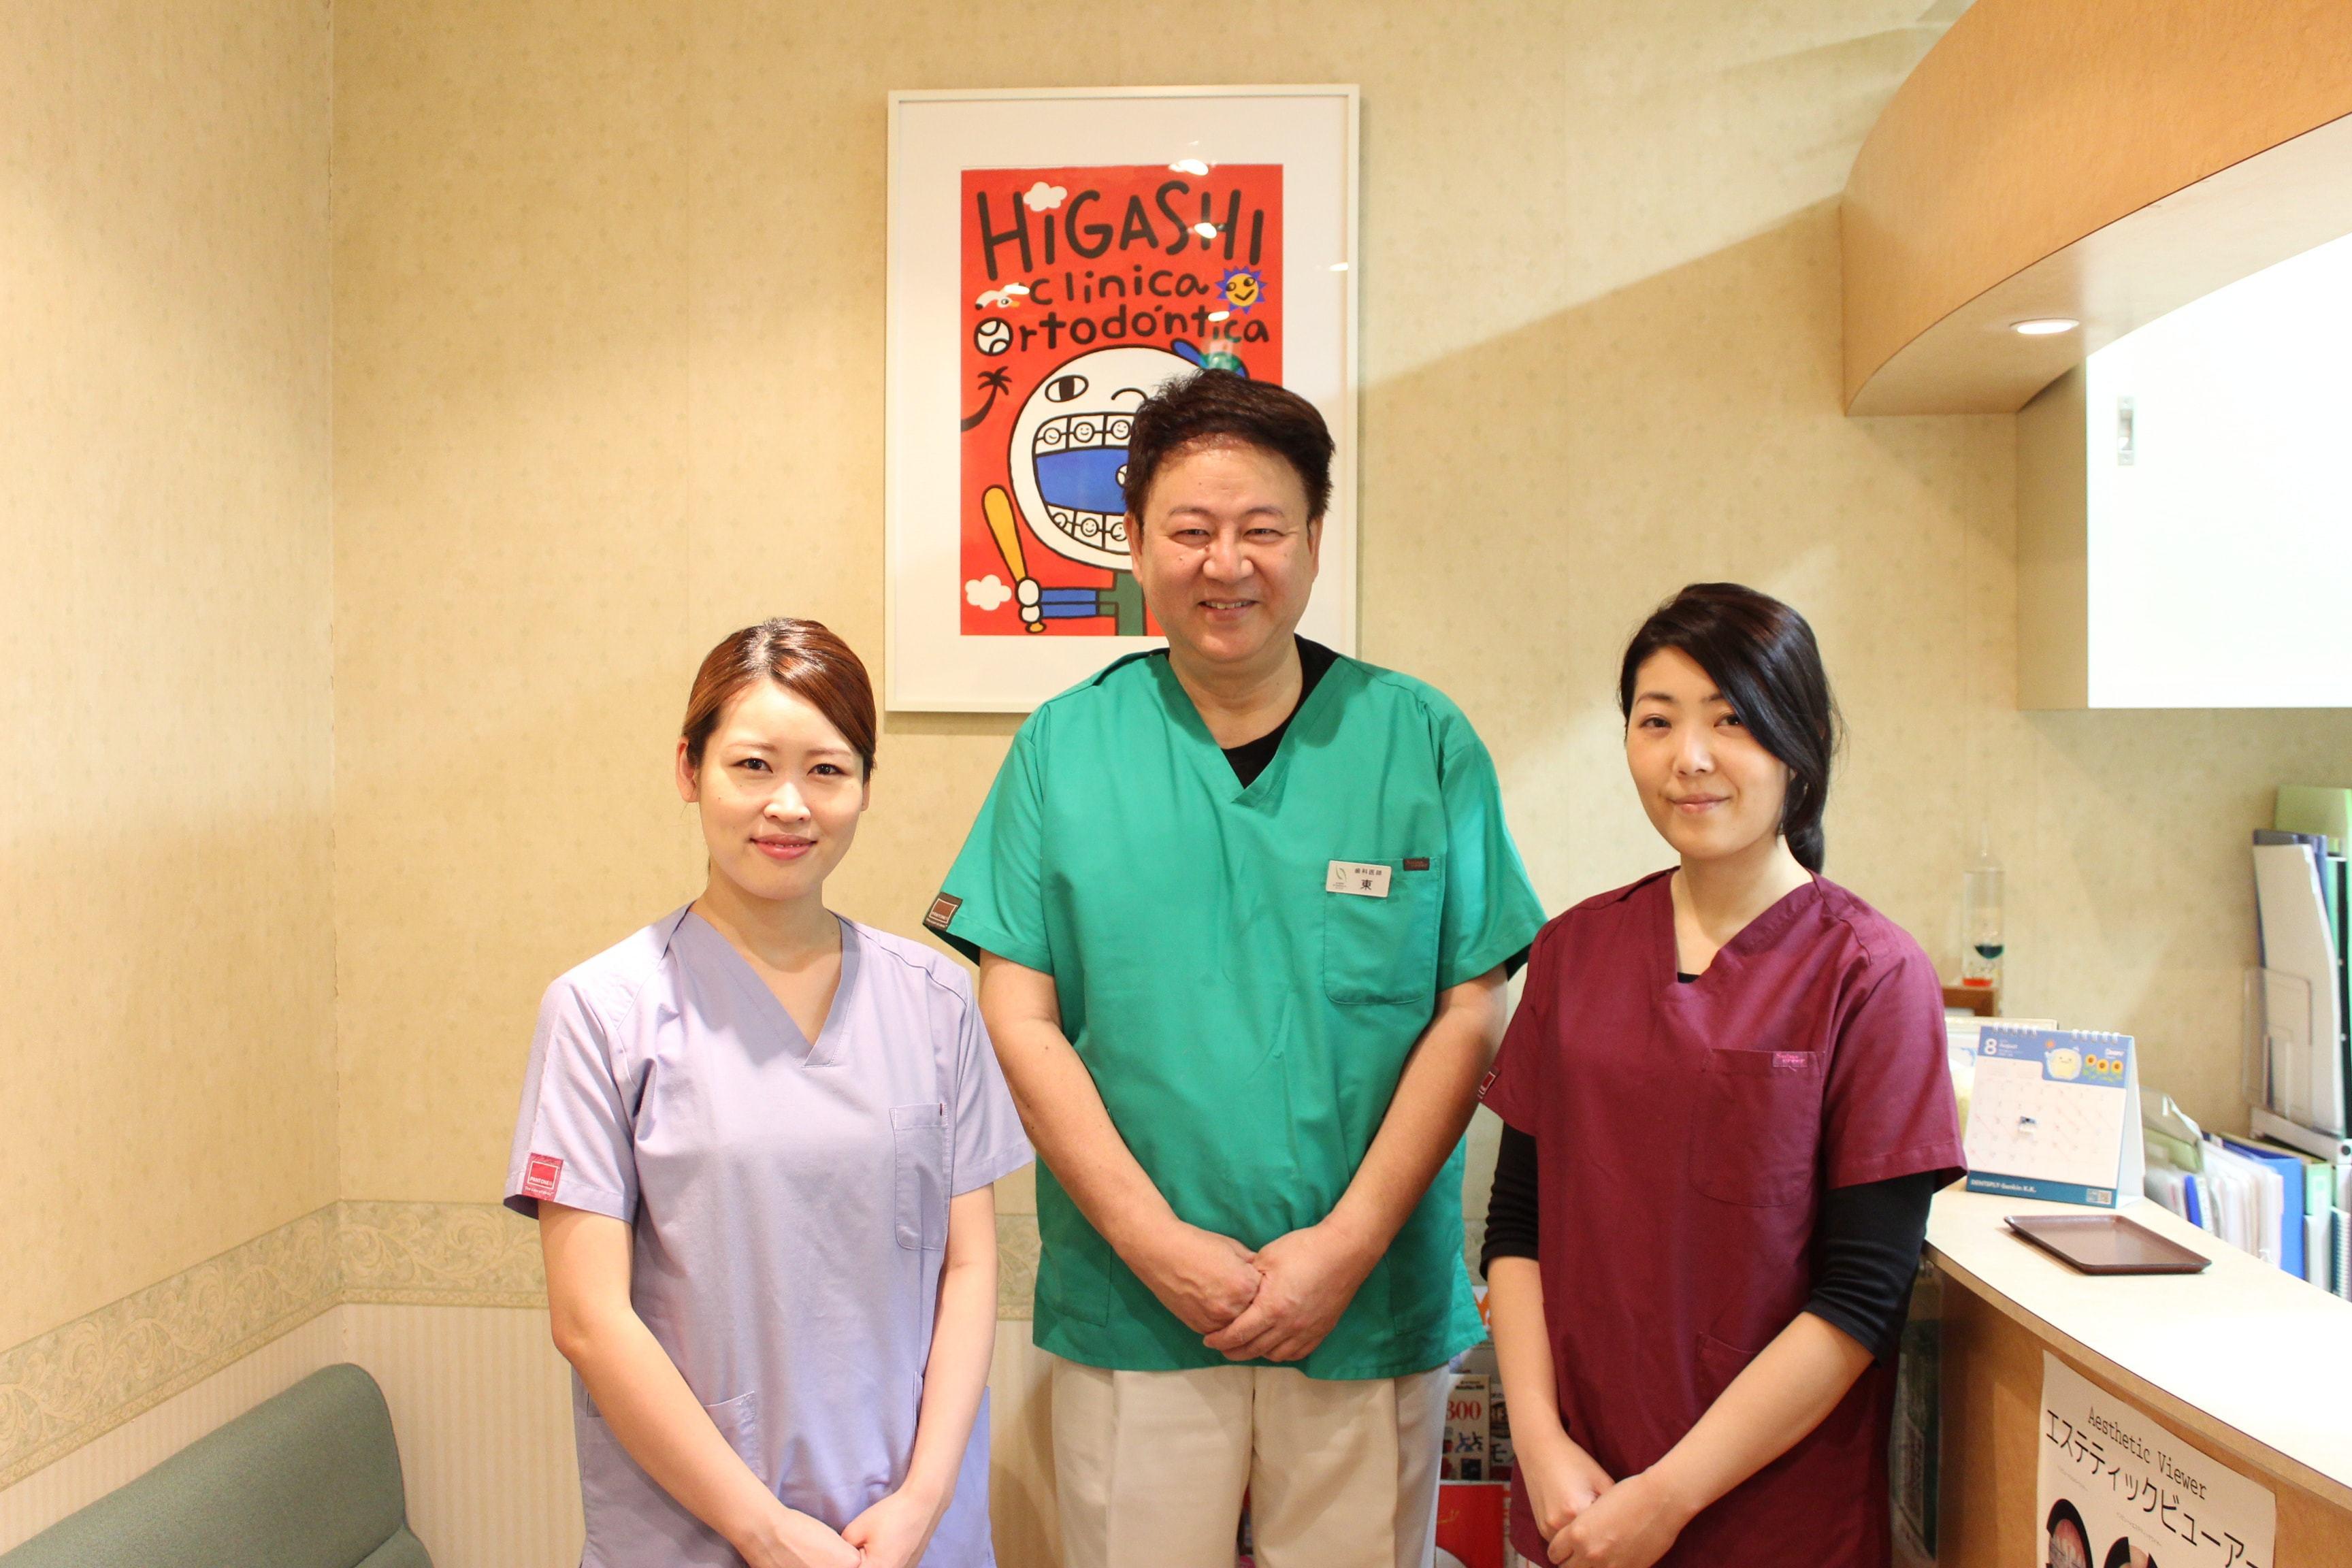 ひがし矯正歯科クリニックの画像